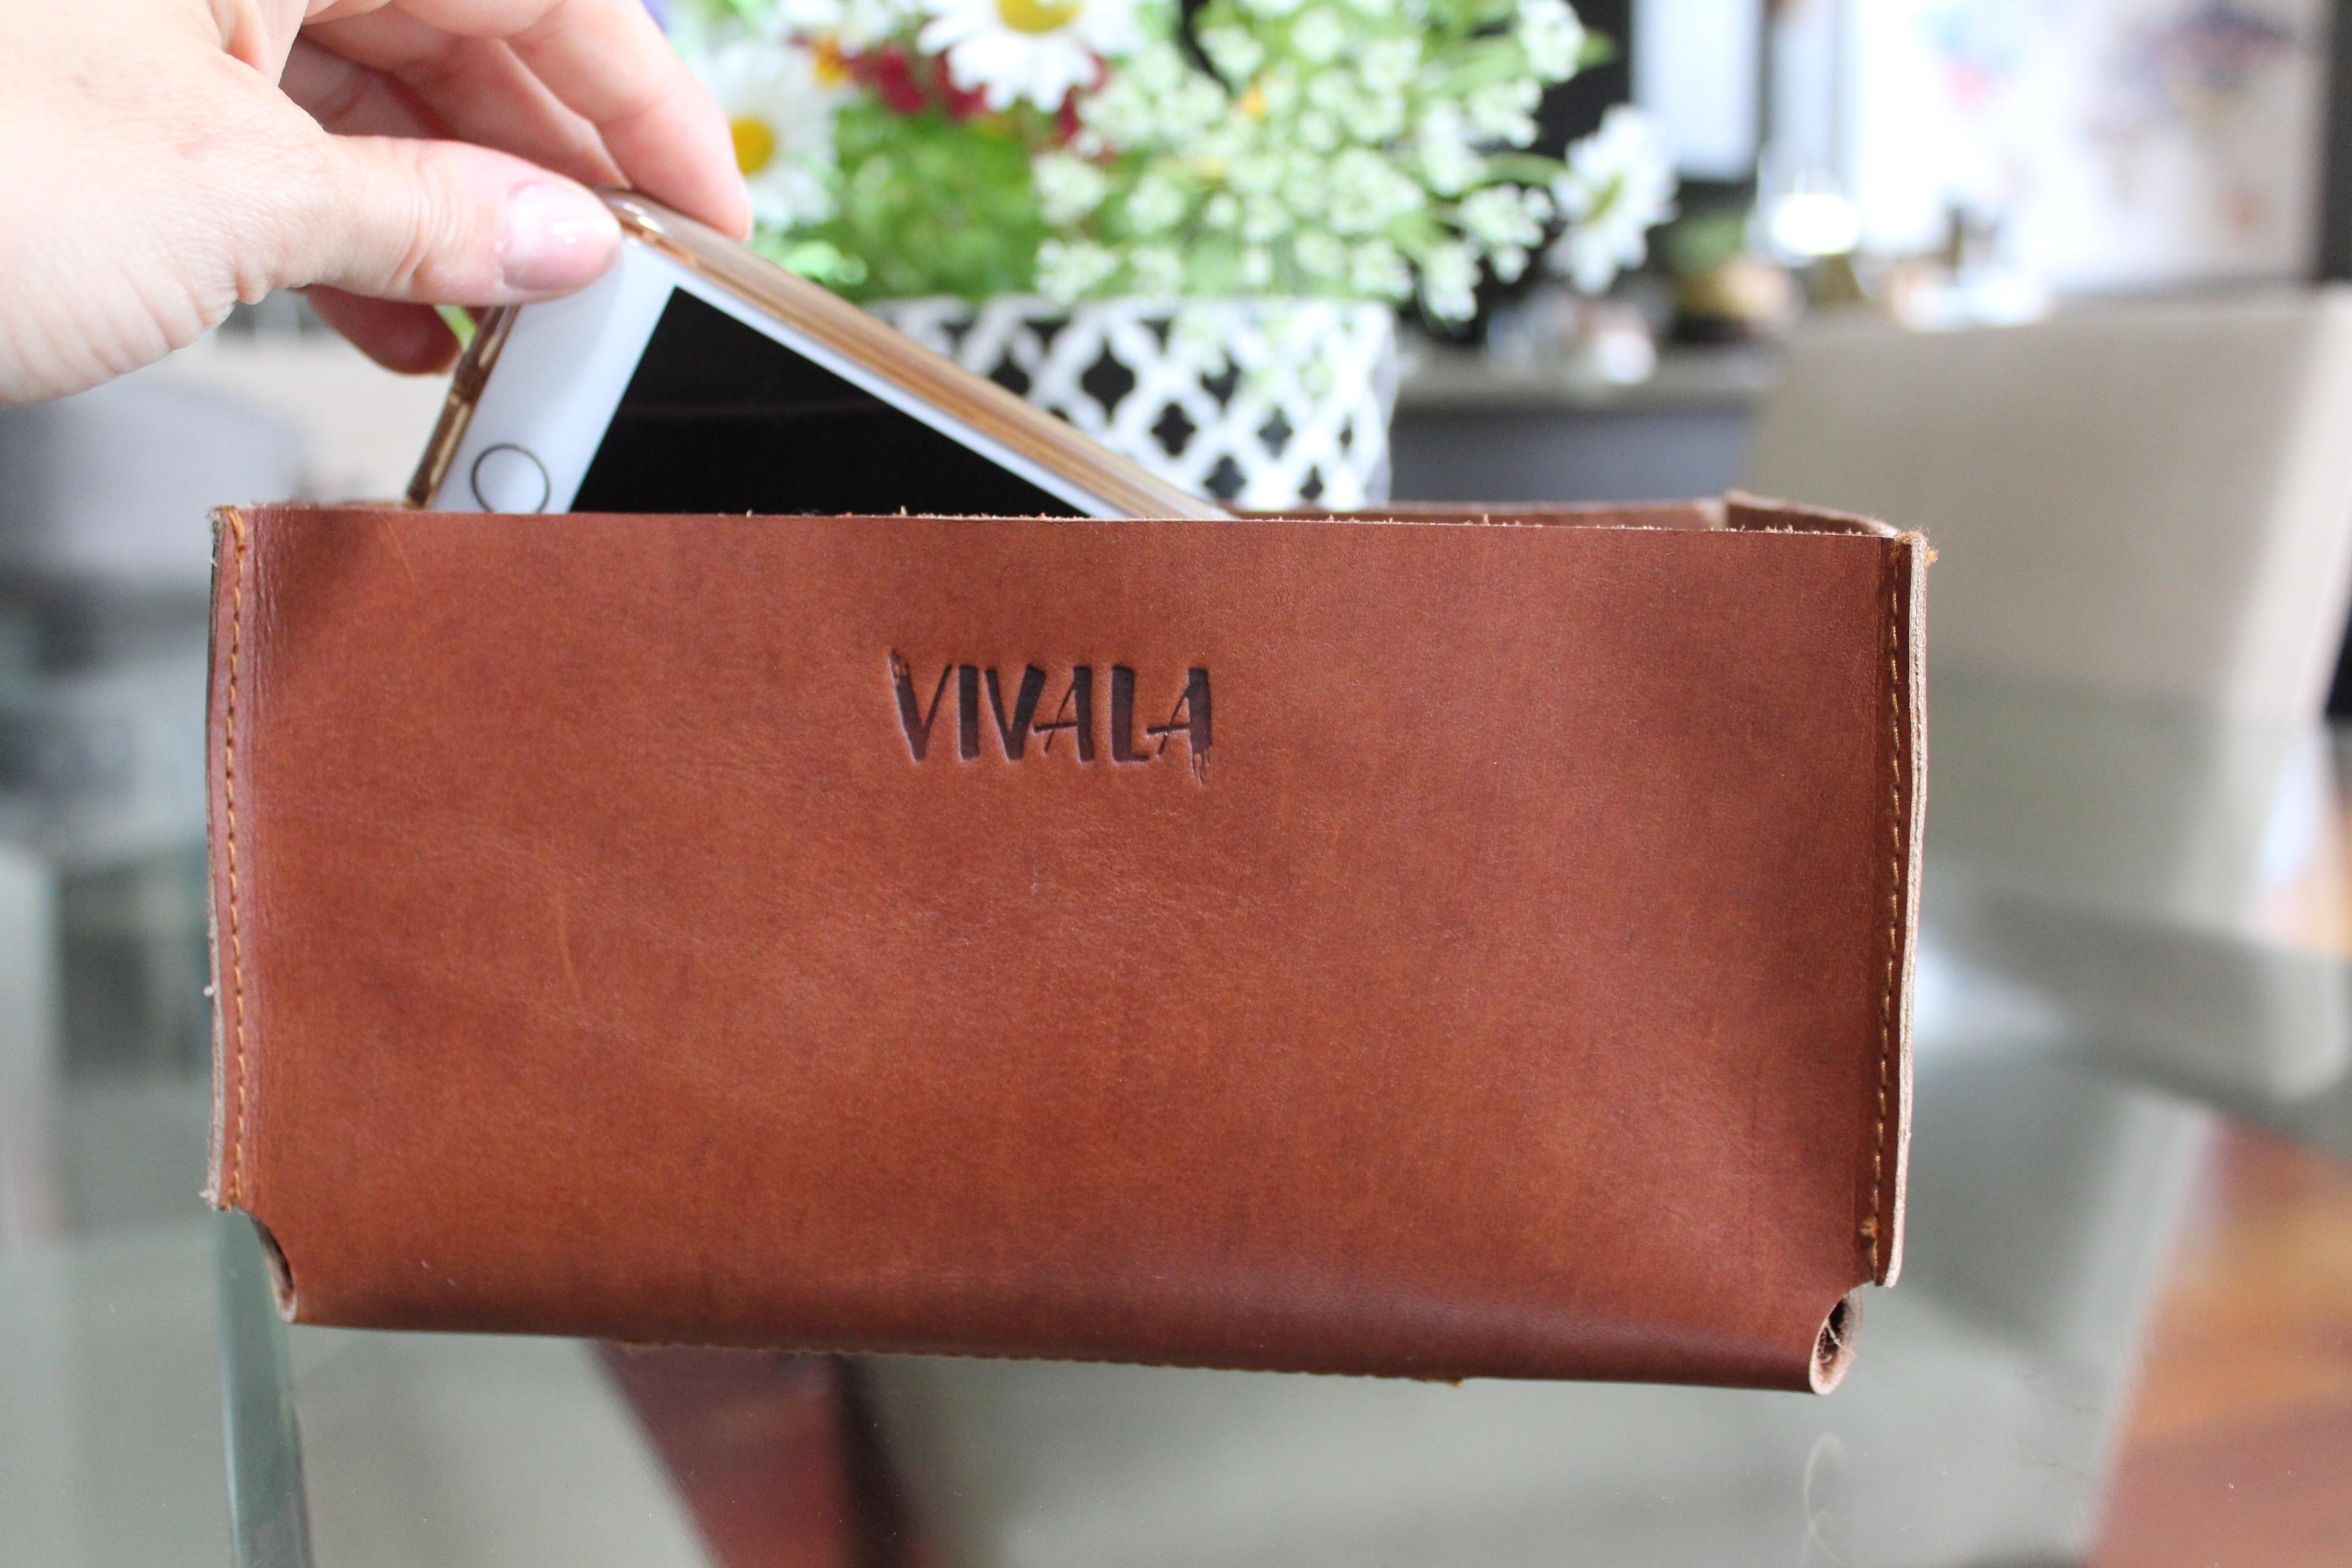 Vivala Offline